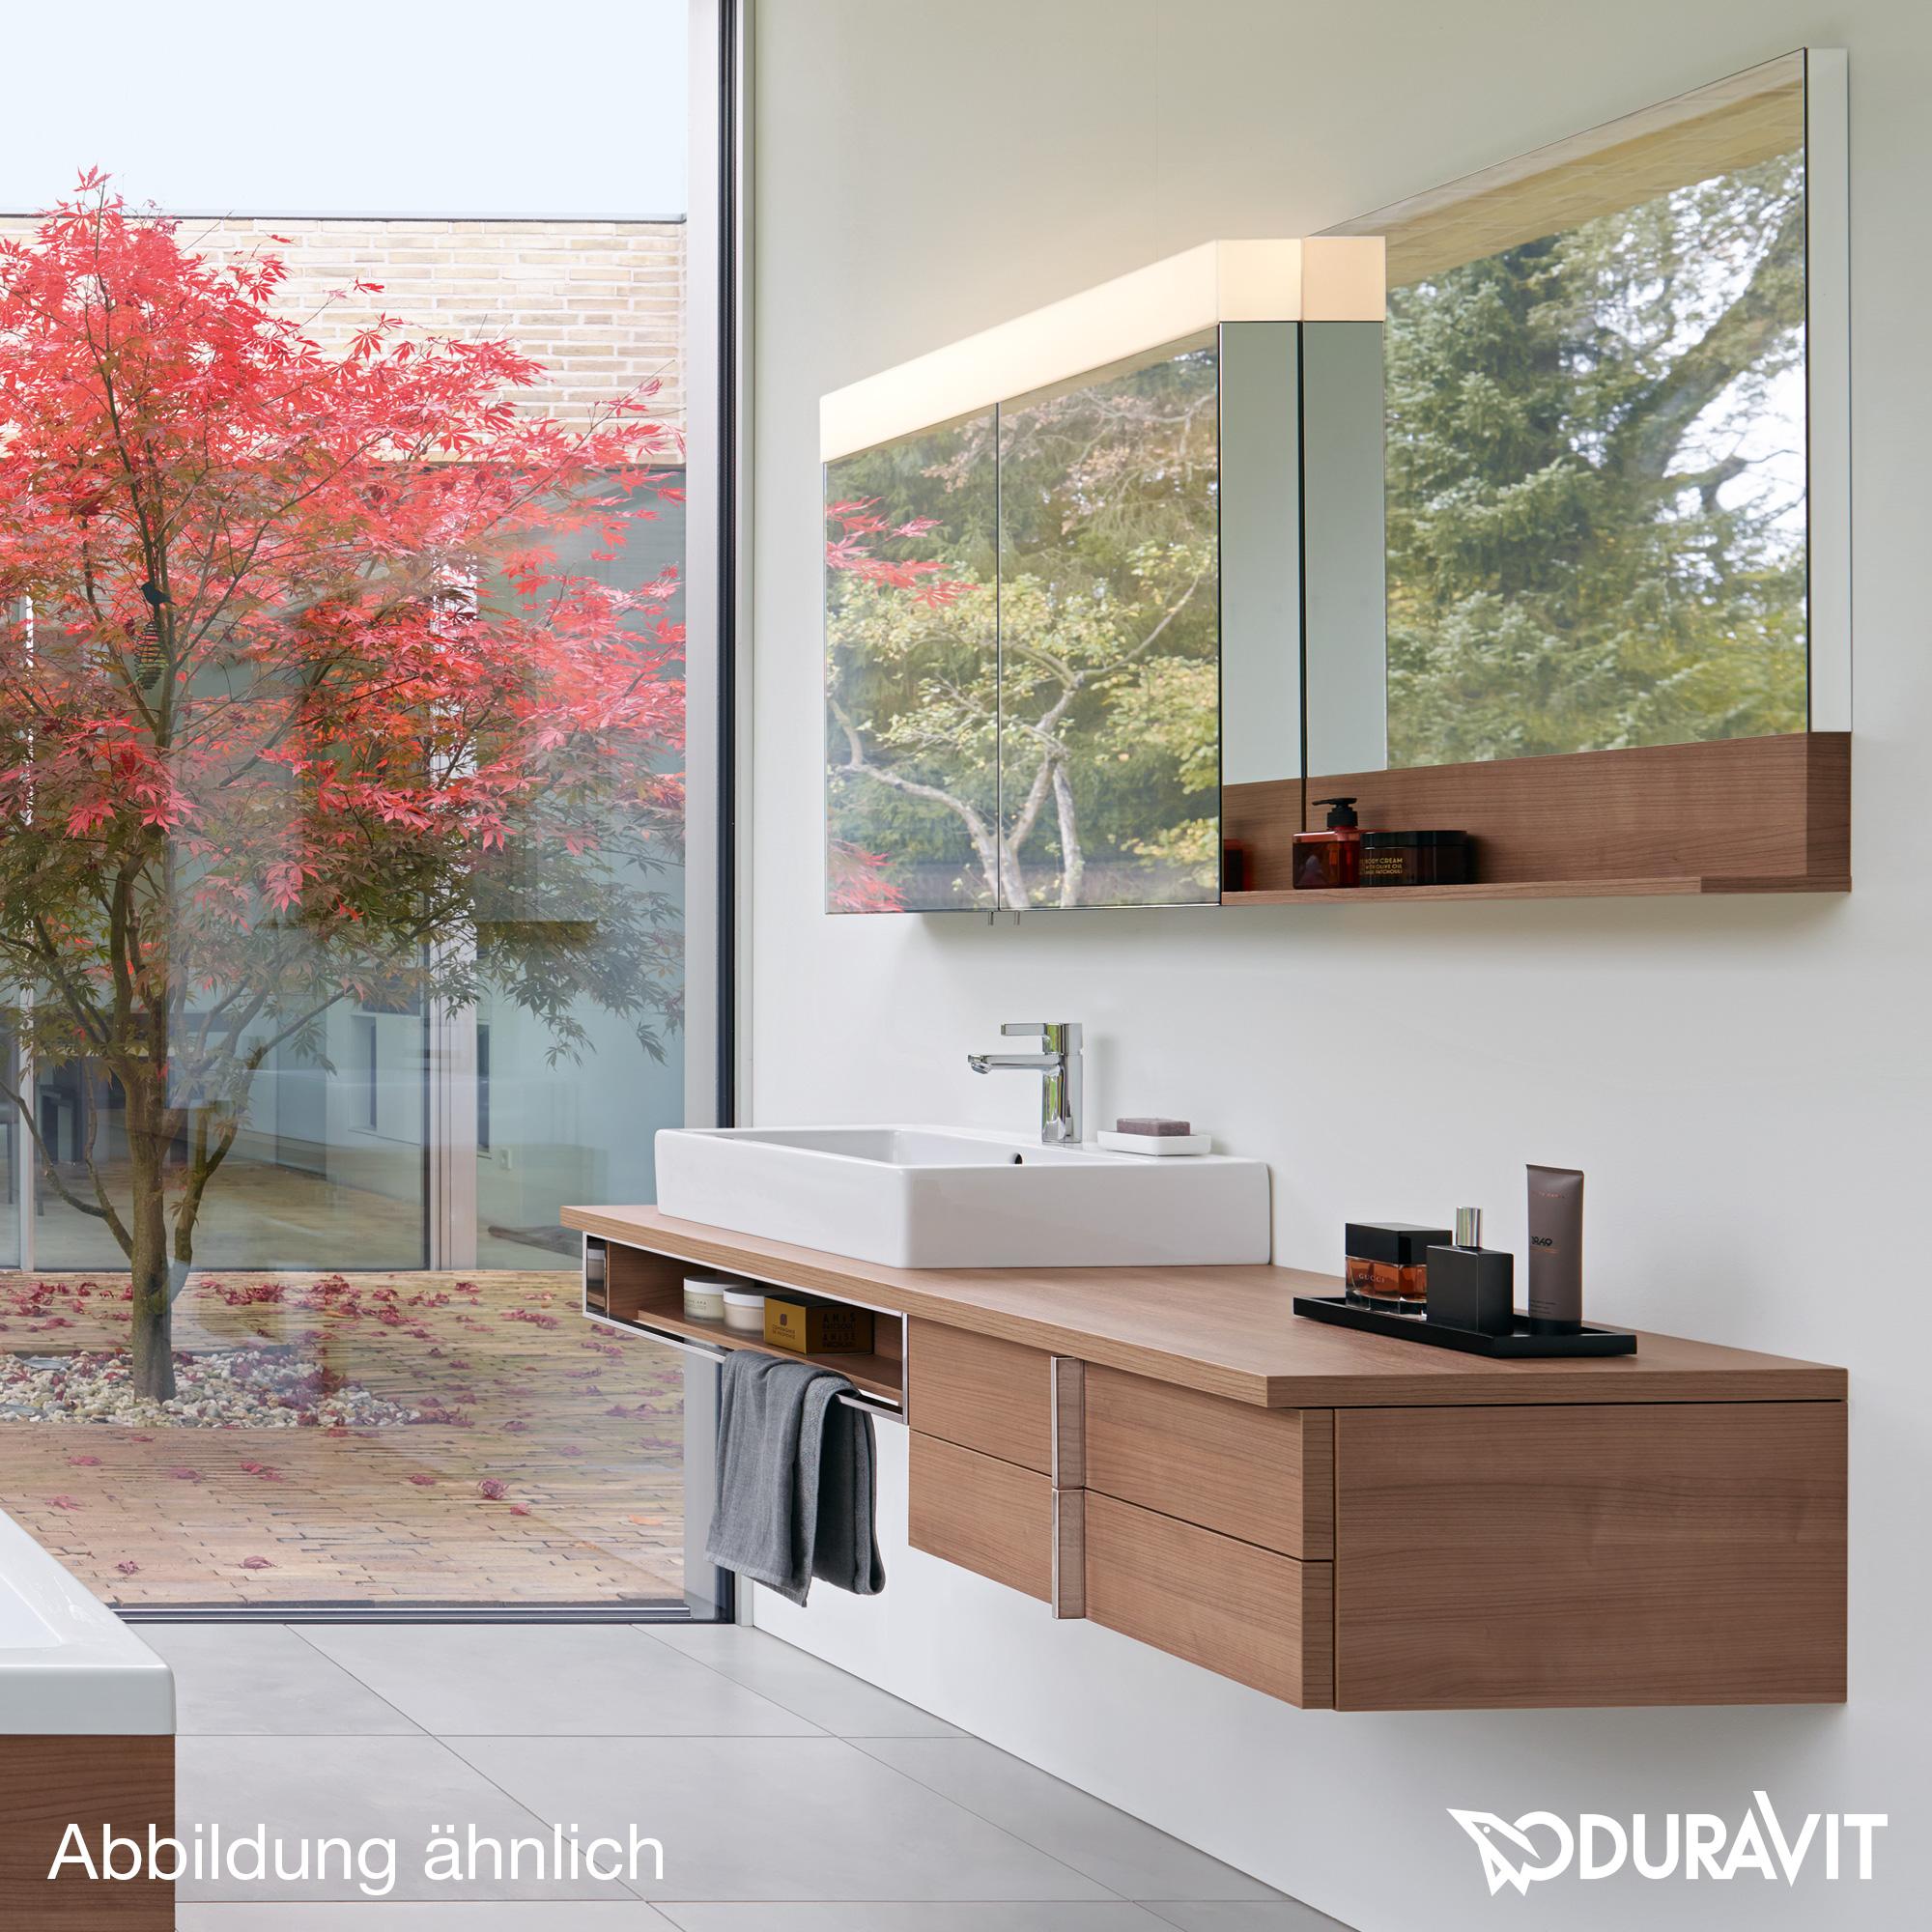 duravit vero waschtischunterbau f r konsole nussbaum geb rstet ve657206969 reuter onlineshop. Black Bedroom Furniture Sets. Home Design Ideas